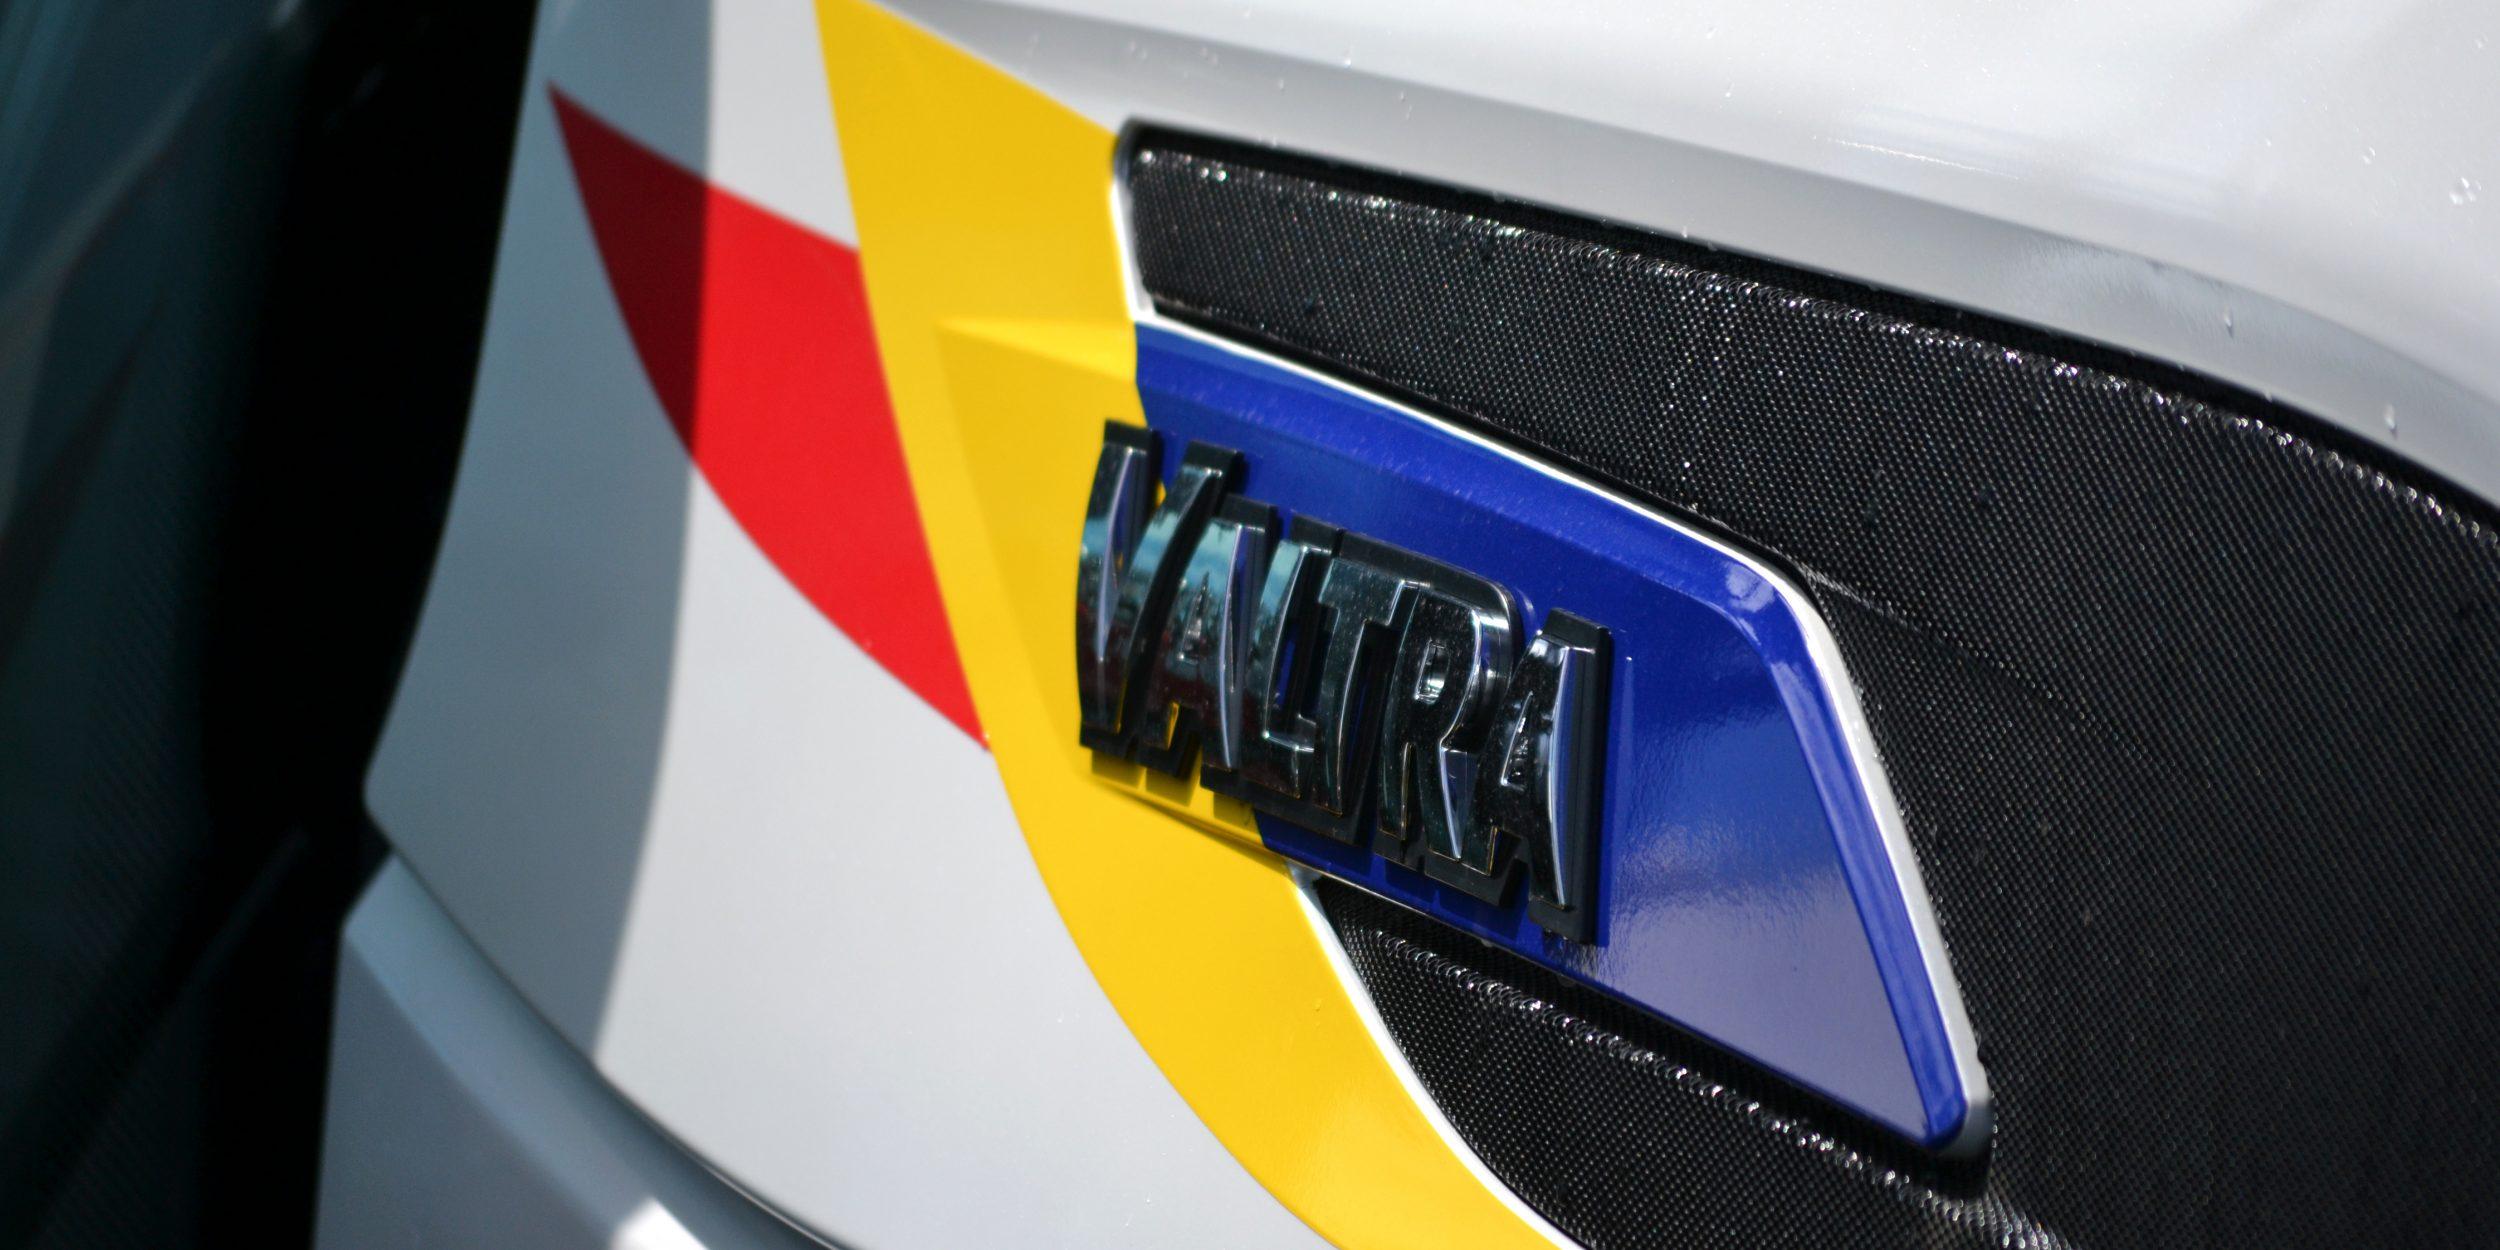 Sigla Tractor Valtra T 144 Direct cu tricolor fotografiata de aproape